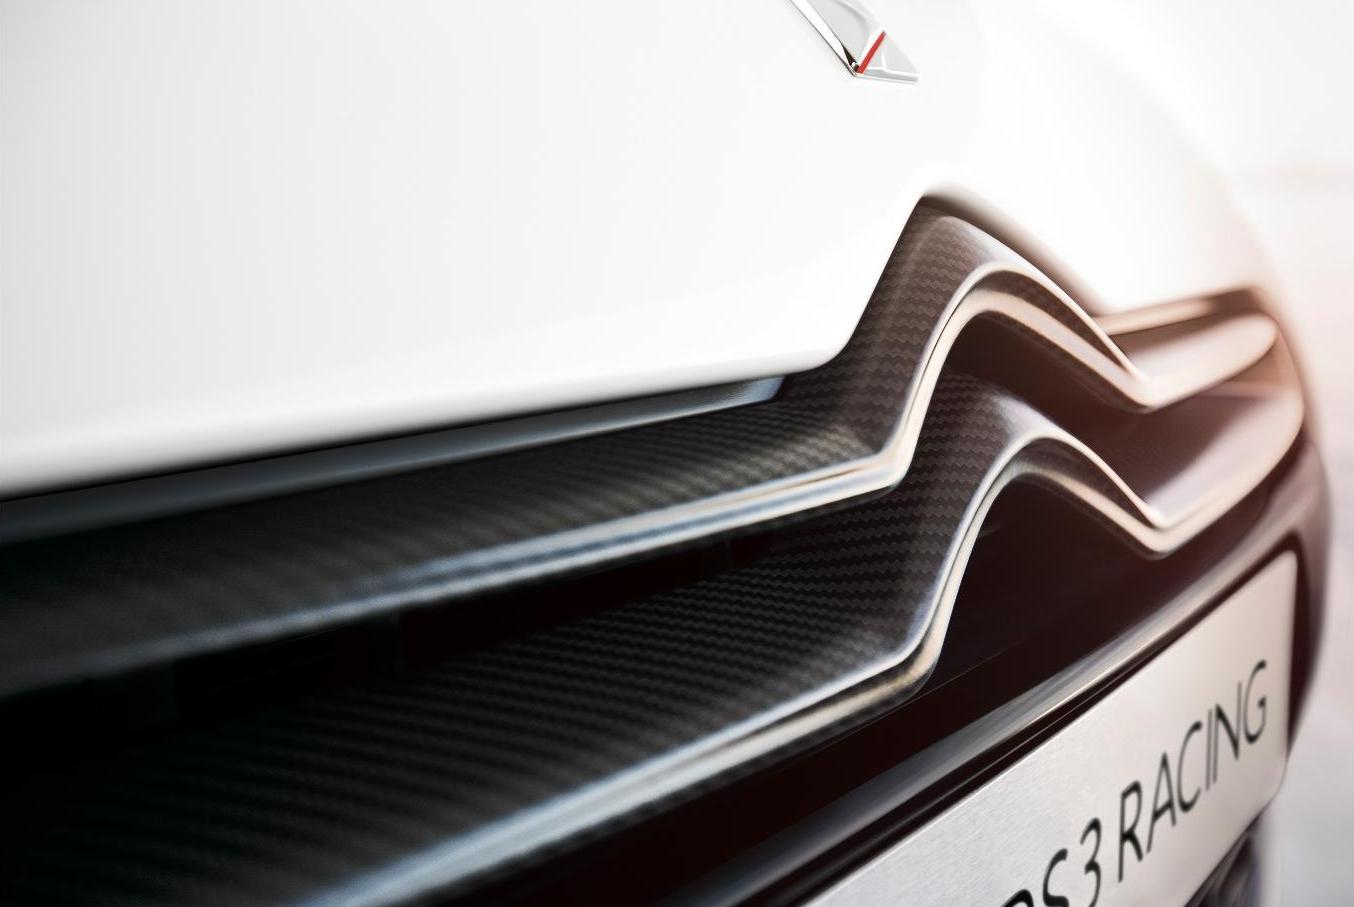 http://2.bp.blogspot.com/_7LQxj656qB0/THKaGDWd4NI/AAAAAAAAIlQ/pyIYyQNSO4Y/s1600/2011+Citroen+DS3+Racing+grille.jpg